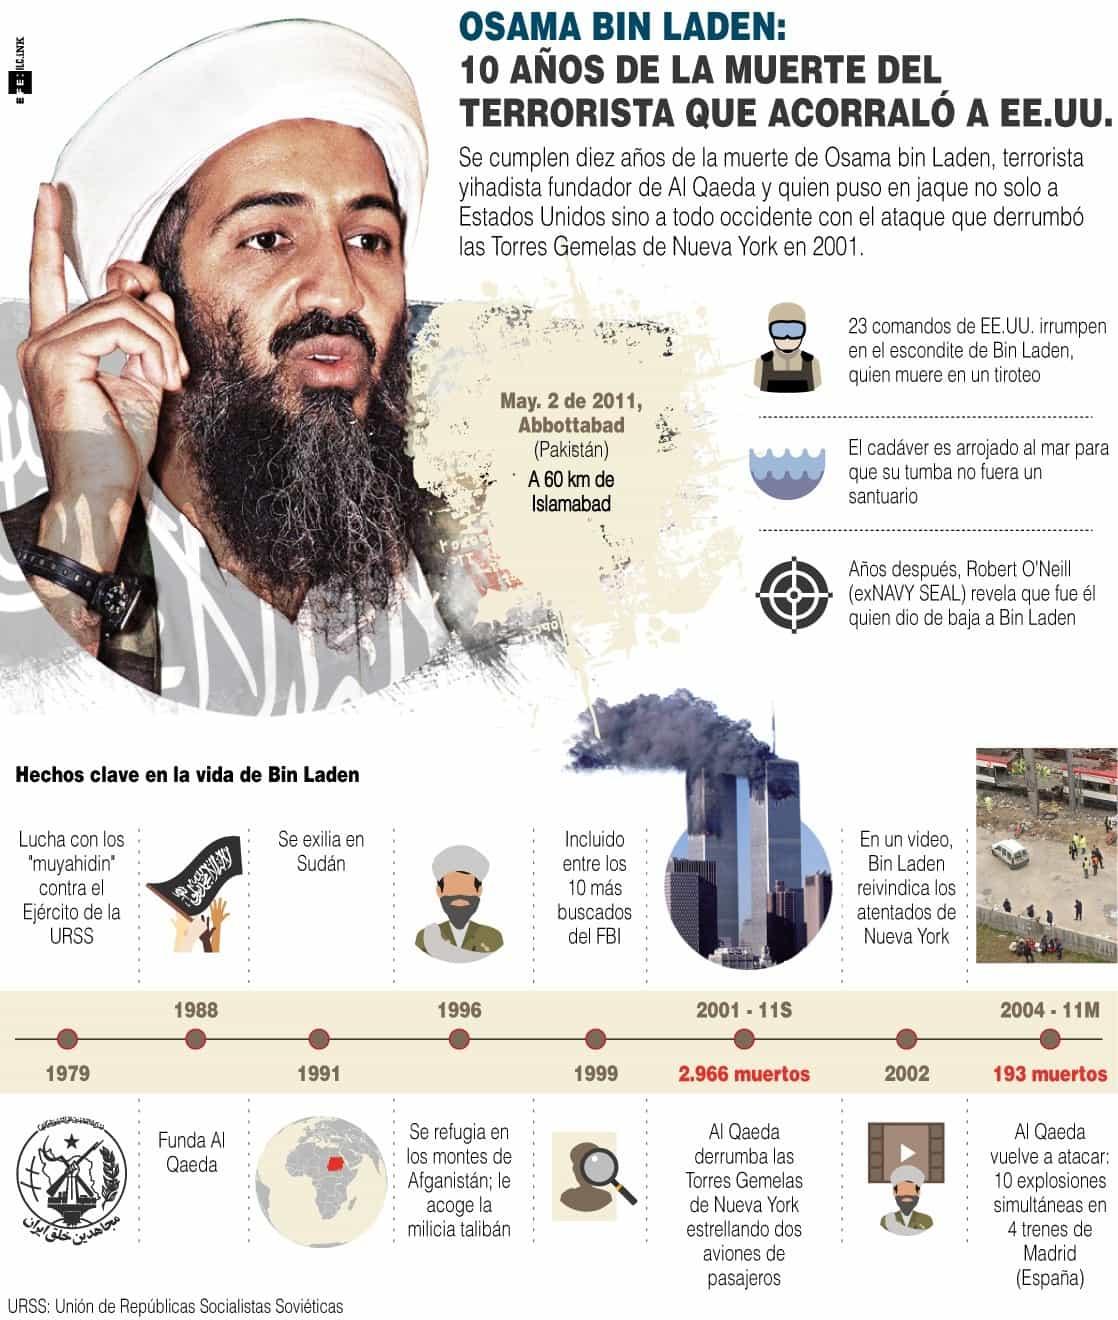 [Infografía] - Osama Bin Laden 10 años de la muerte del terrorista que acorraló a EE.UU. 1